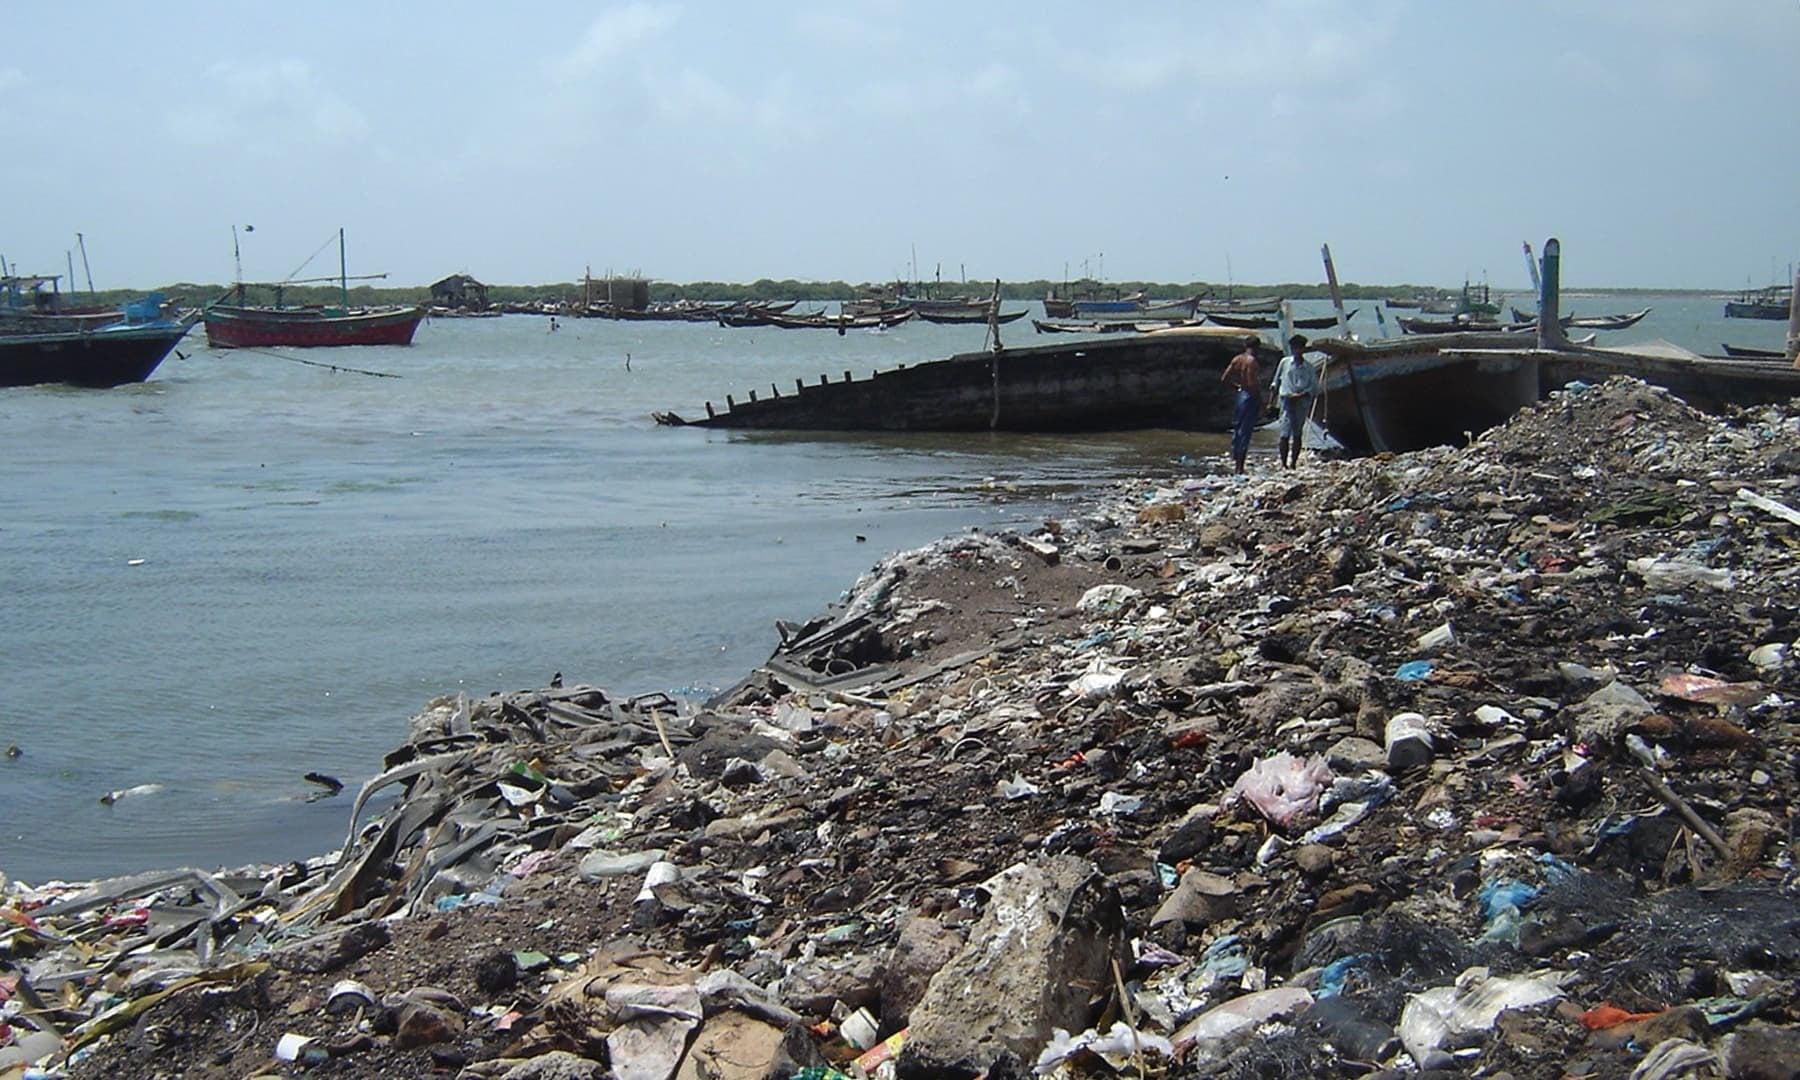 روزانہ 5 سے 10 ہزار ٹن کوڑا کرکٹ سمندر میں پھینکا جاتا ہے